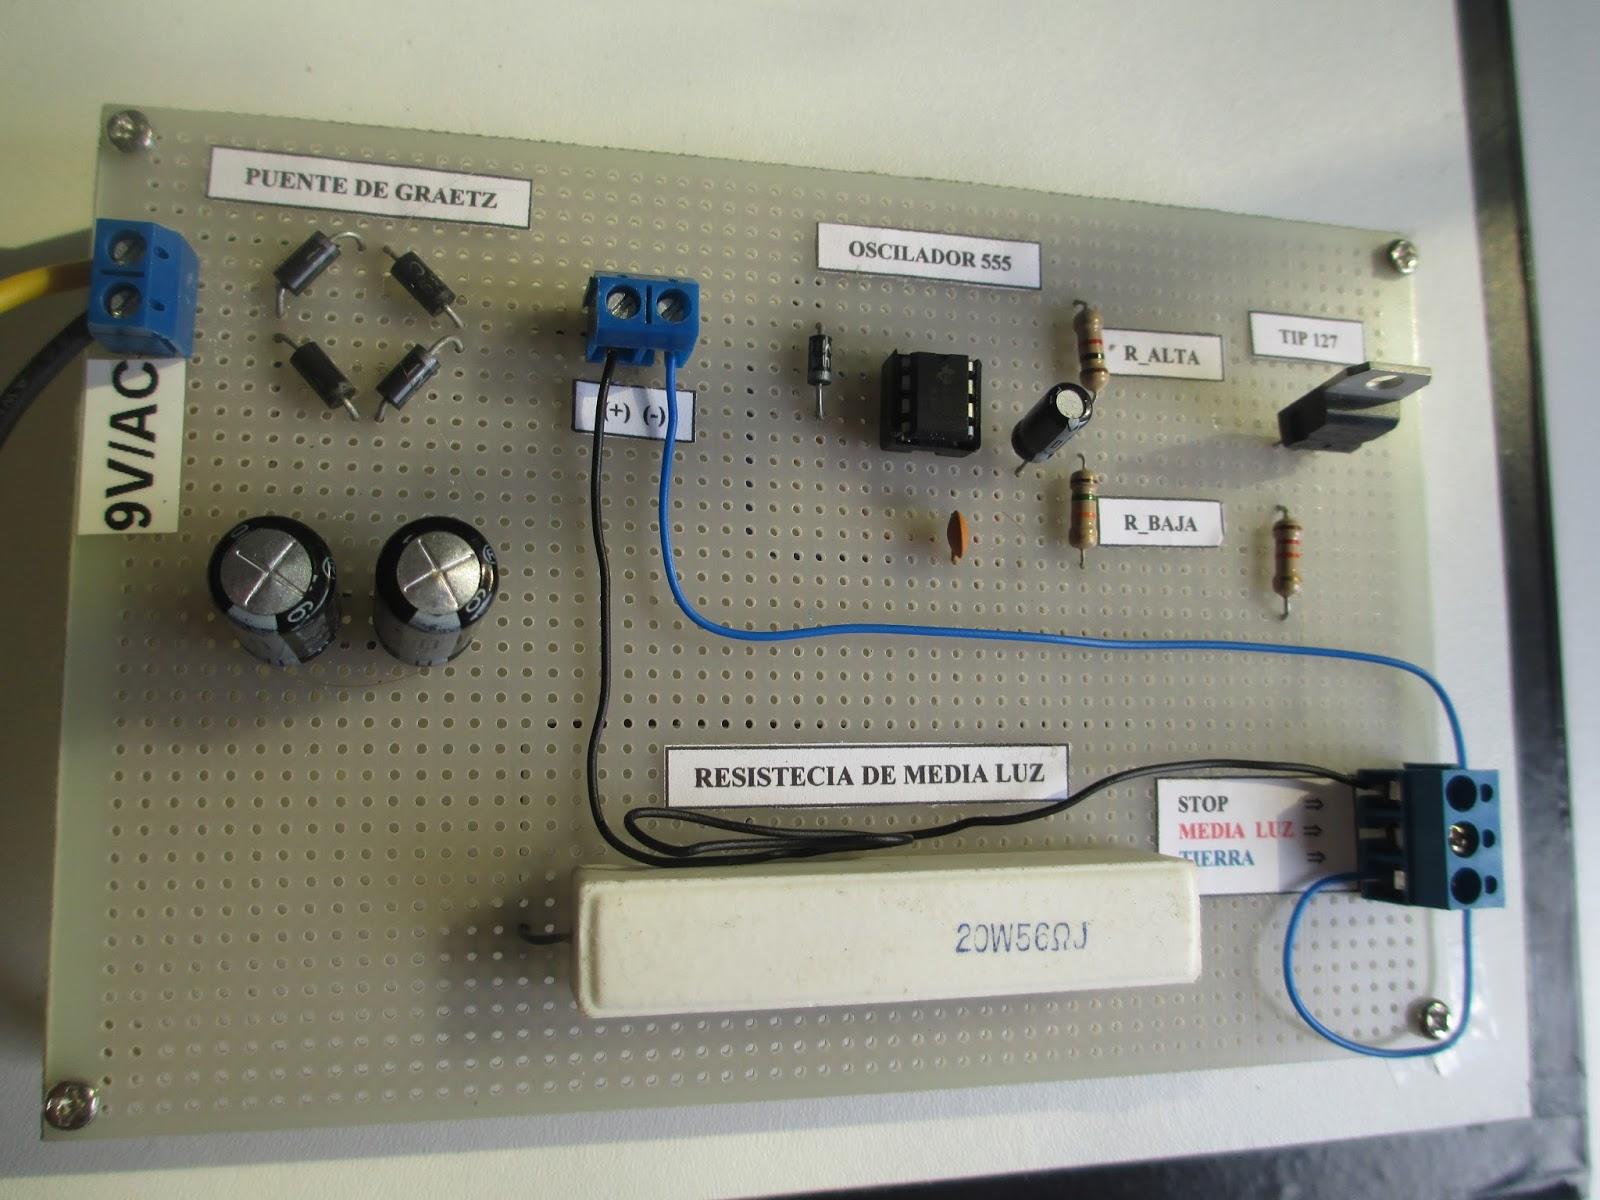 Circuito Oscilador 555 : Circuito integrado ne ccr cie ne circuitronica s a s